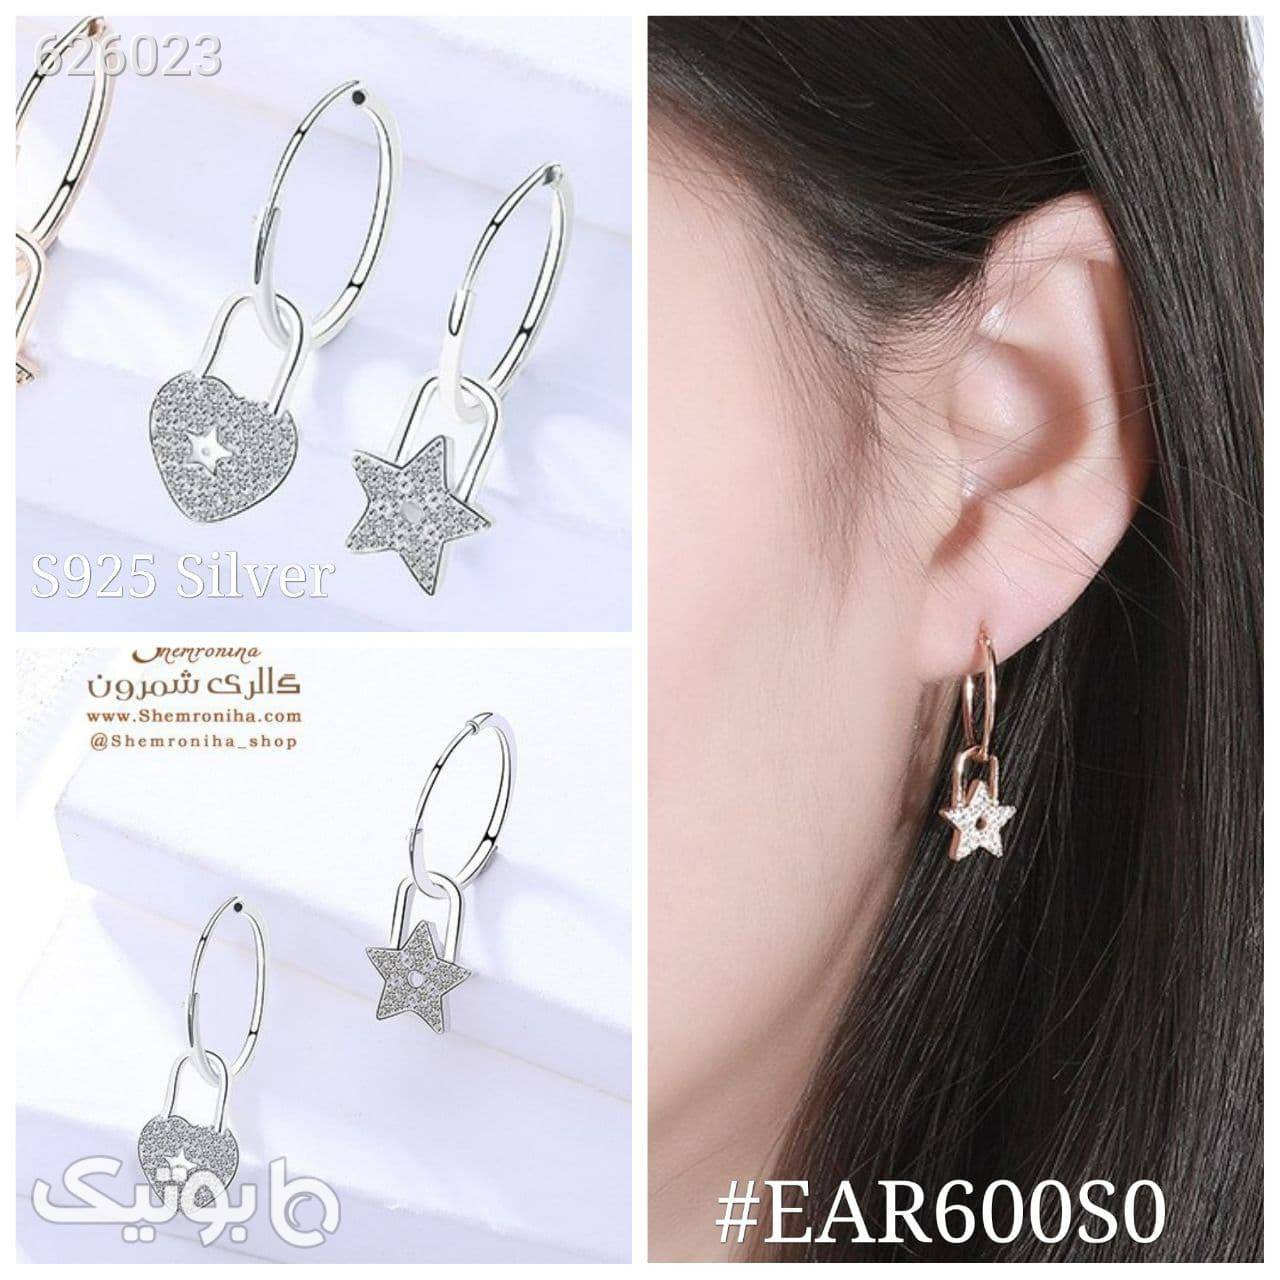 گوشواره نقره ستاره و قفل قلب EAR600S0 نقره ای گوشواره